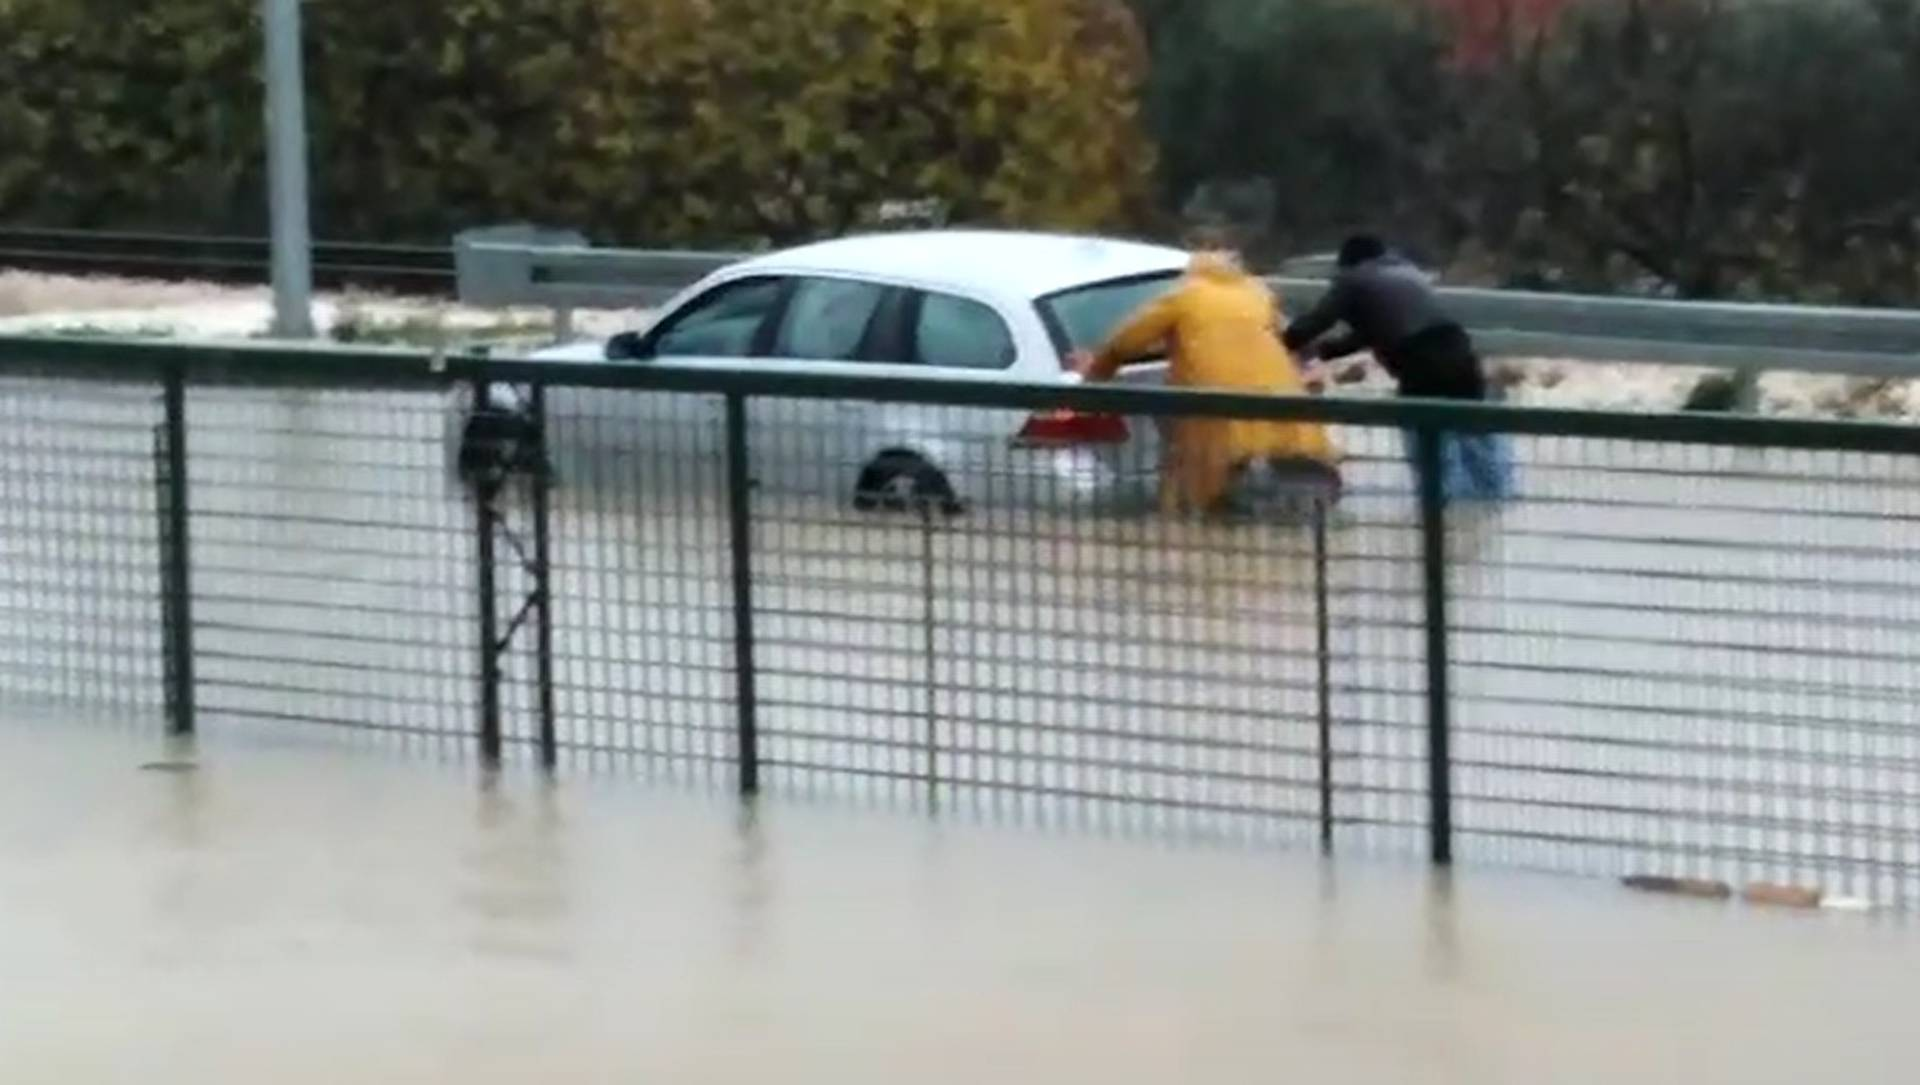 Hrvatska: Radnici spasili trudnicu koju je voda zatočila u autu